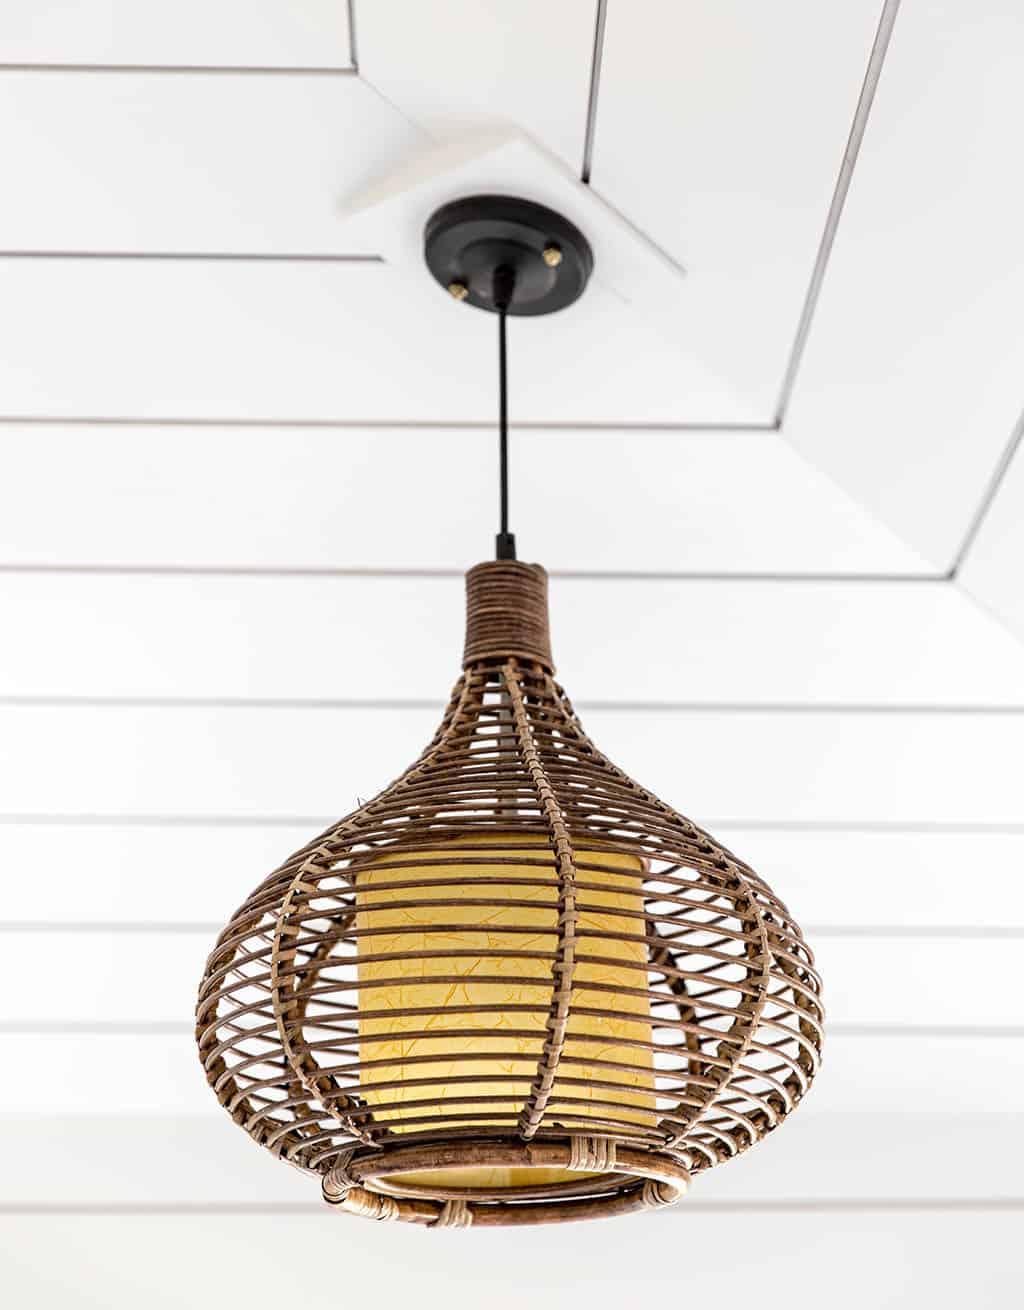 svjetiljka u stilu plaže